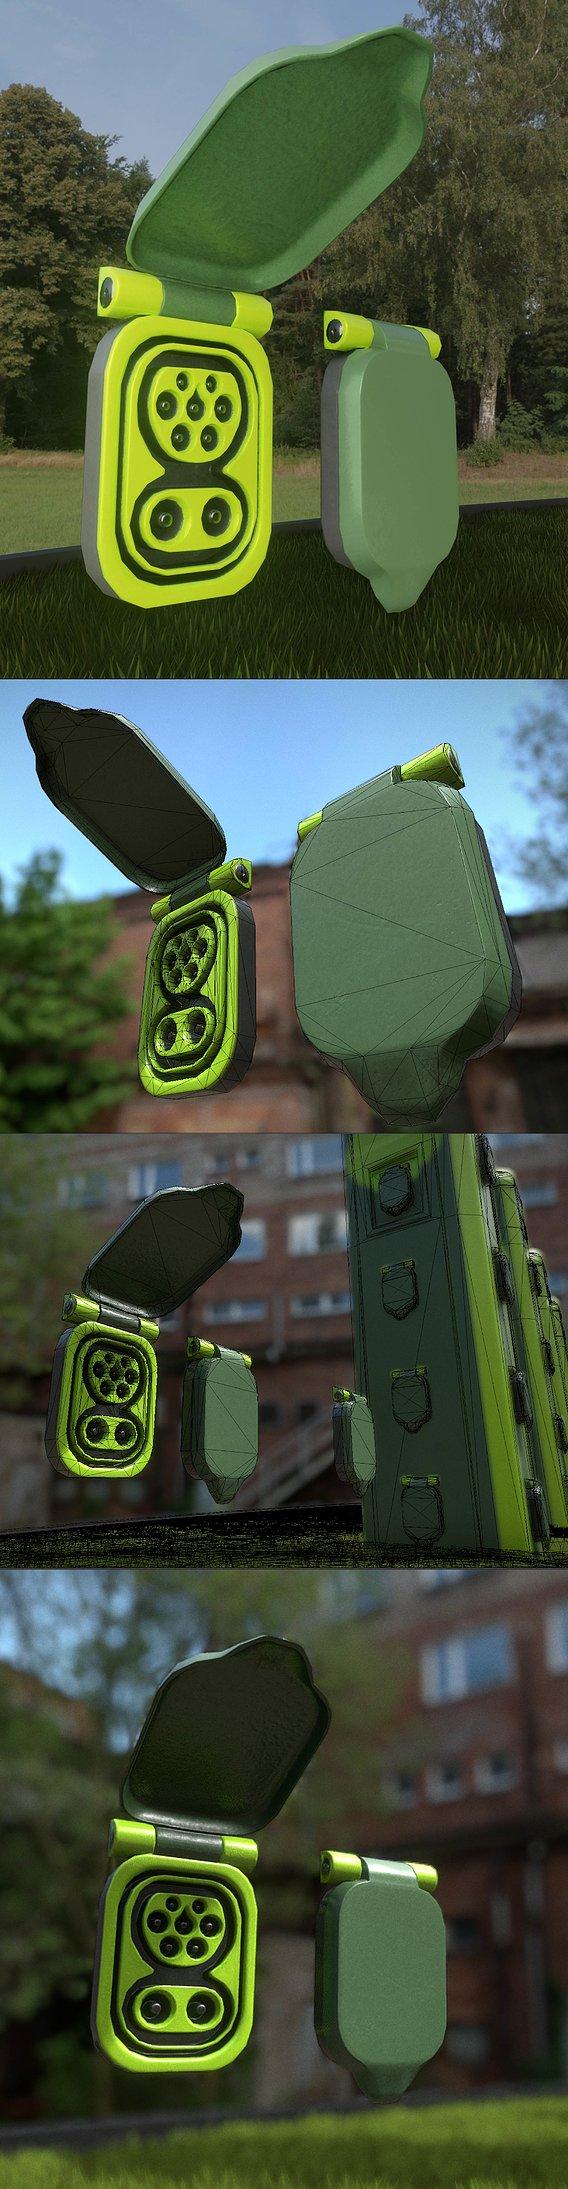 Electric Vehicle Charging Socket 2 (Blender-2.92 Eevee)